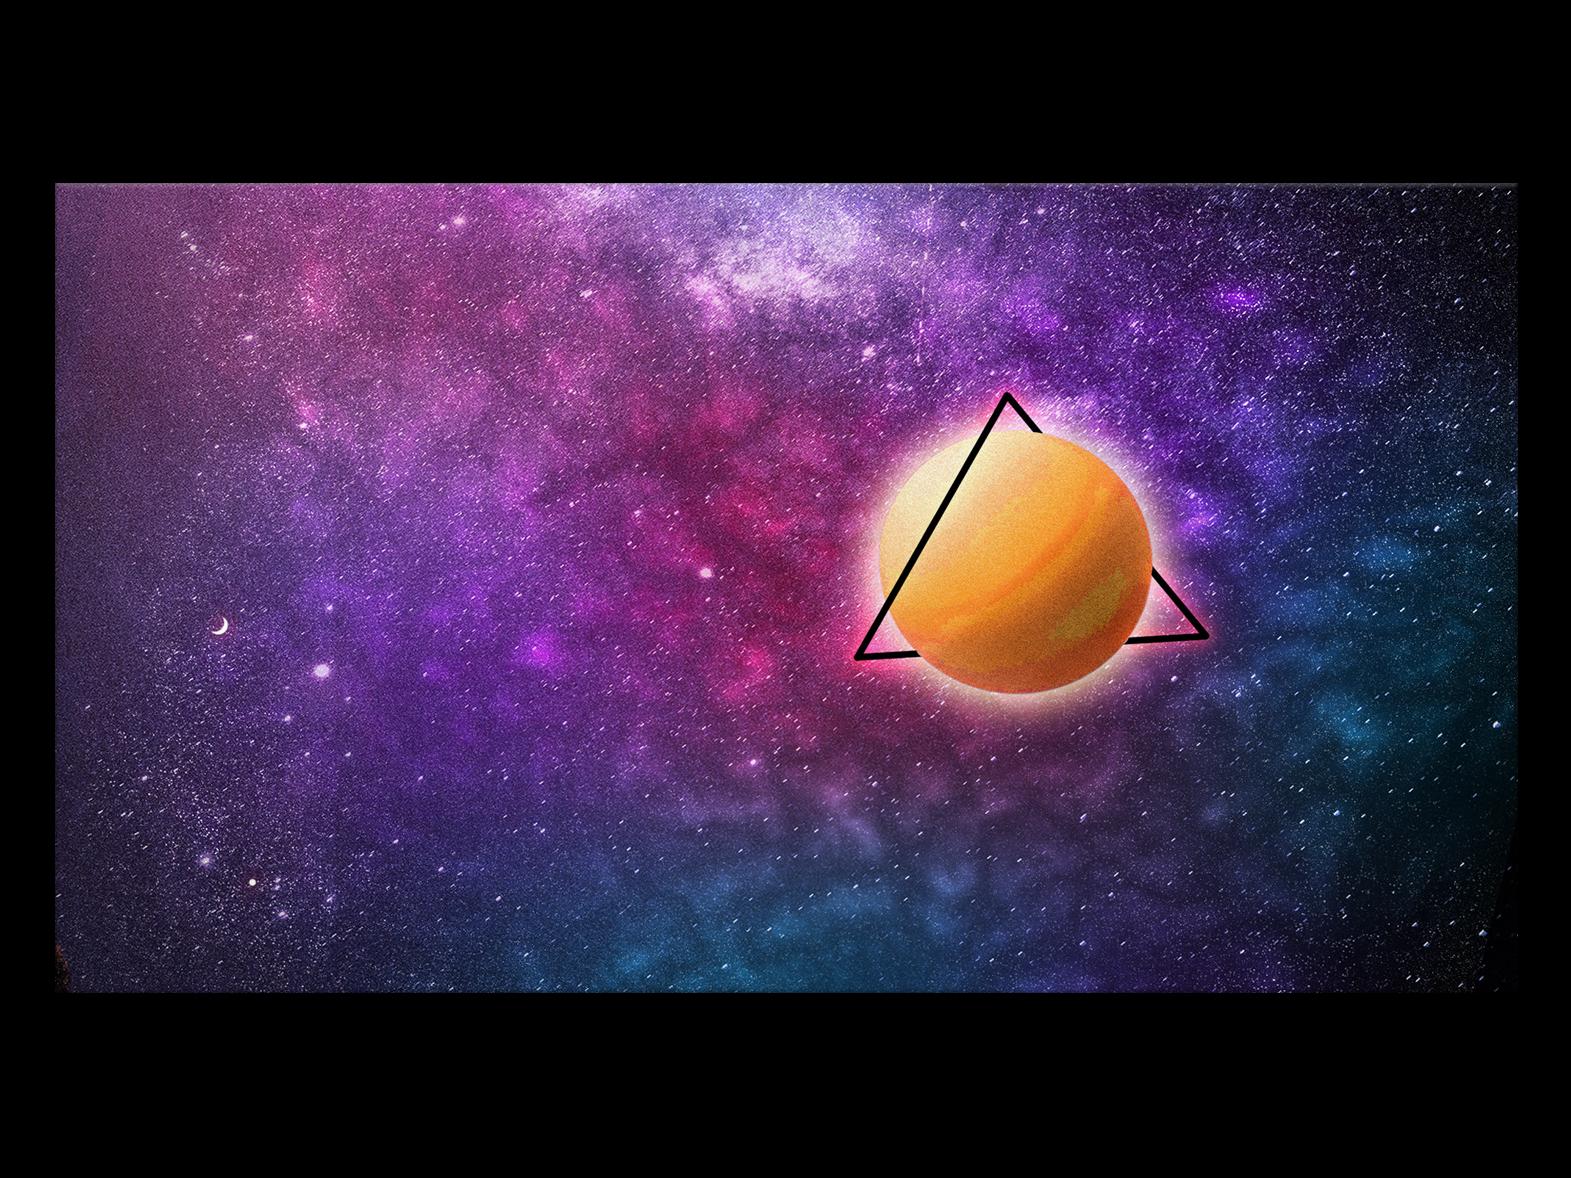 αστρικό ουρανό IV photoshop blender3d 3d black calm neon space light geometry gradiant abstract album cover design album cover album artwork album art album color illustration design lachute